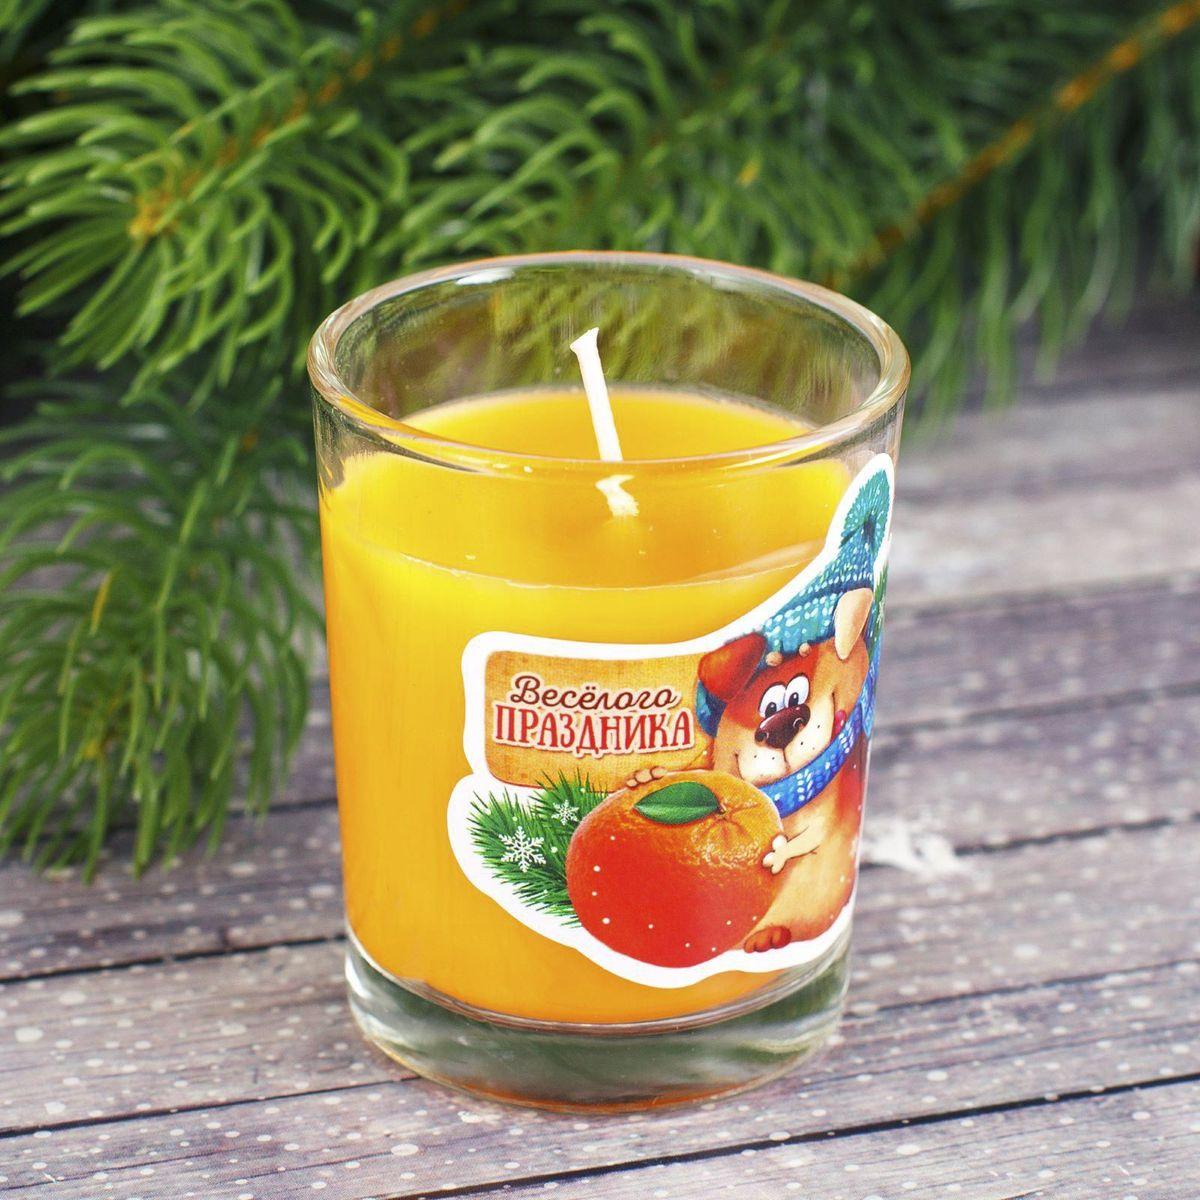 Свеча ароматизированная Sima-land Веселого праздника, цвет: желтый, высота 6,5 см2087Какой новогодний стол без свечей? Вместе с мандаринами, шампанским и еловыми ветвями они создадут сказочную атмосферу, а их притягательное пламя подарит ощущение уюта и тепла. А еще это отличная идея для подарка! Свеча ароматизированная в стакане Sima-land оградит от невзгод и поможет во всех начинаниях в будущем году. Каждому хозяину периодически приходит мысль обновить свою квартиру, сделать ремонт, перестановку или кардинально поменять внешний вид каждой комнаты. Свеча ароматизированная в стакане Sima-land - привлекательная деталь, которая поможет воплотить вашу интерьерную идею, создать неповторимую атмосферу в вашем доме. Окружите себя приятными мелочами, пусть они радуют глаз и дарят гармонию. Ароматизированная свеча Sima-land - символ Нового года. Она несет в себе волшебство и красоту праздника. Такое украшение создаст в вашем доме атмосферу праздника, веселья и радости.